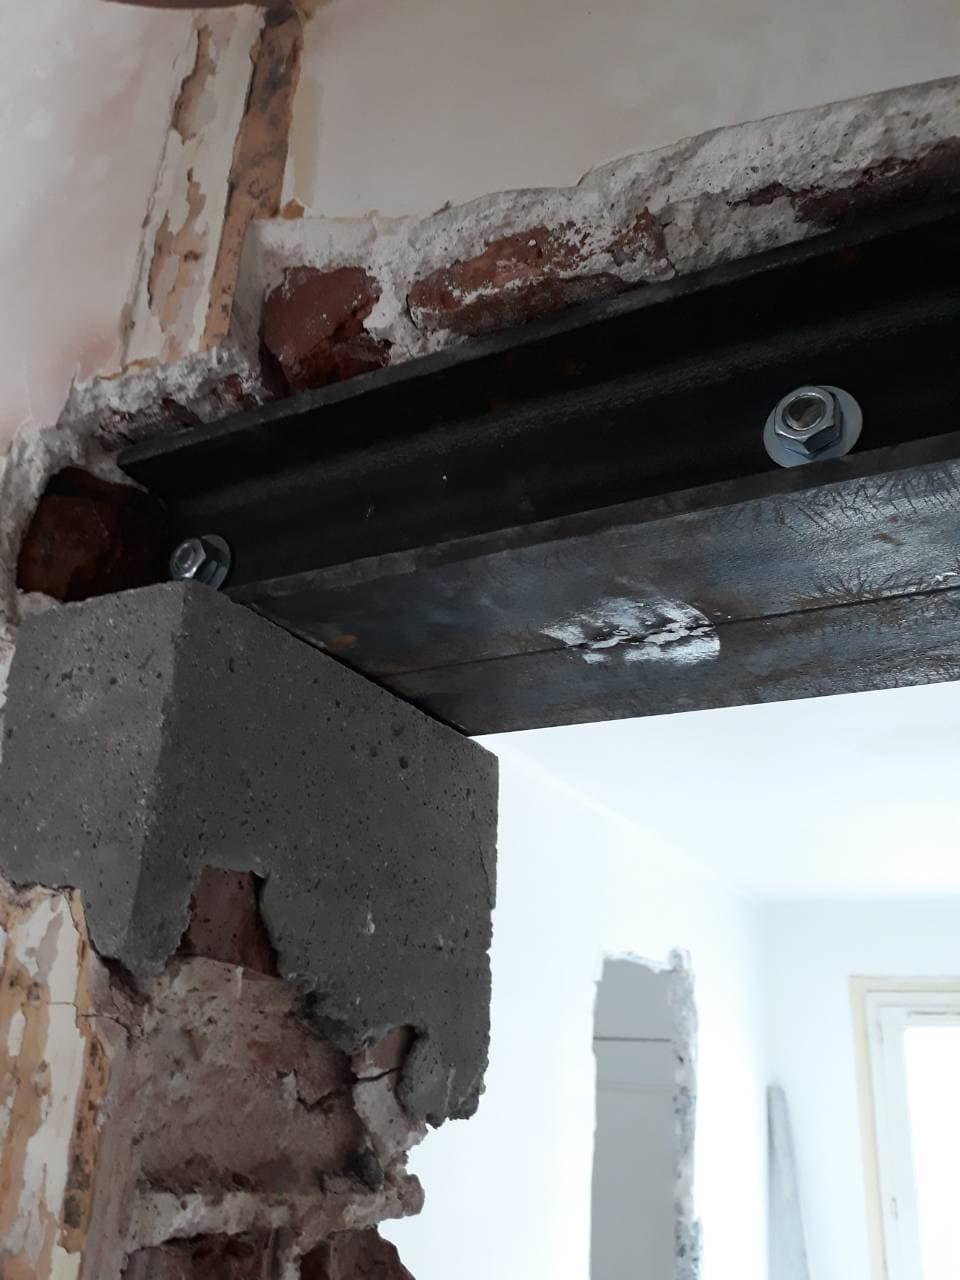 Création d'une baie-porte dans un mur porteur, agrandissement d'une baie existante à Mougins. - Murs porteurs